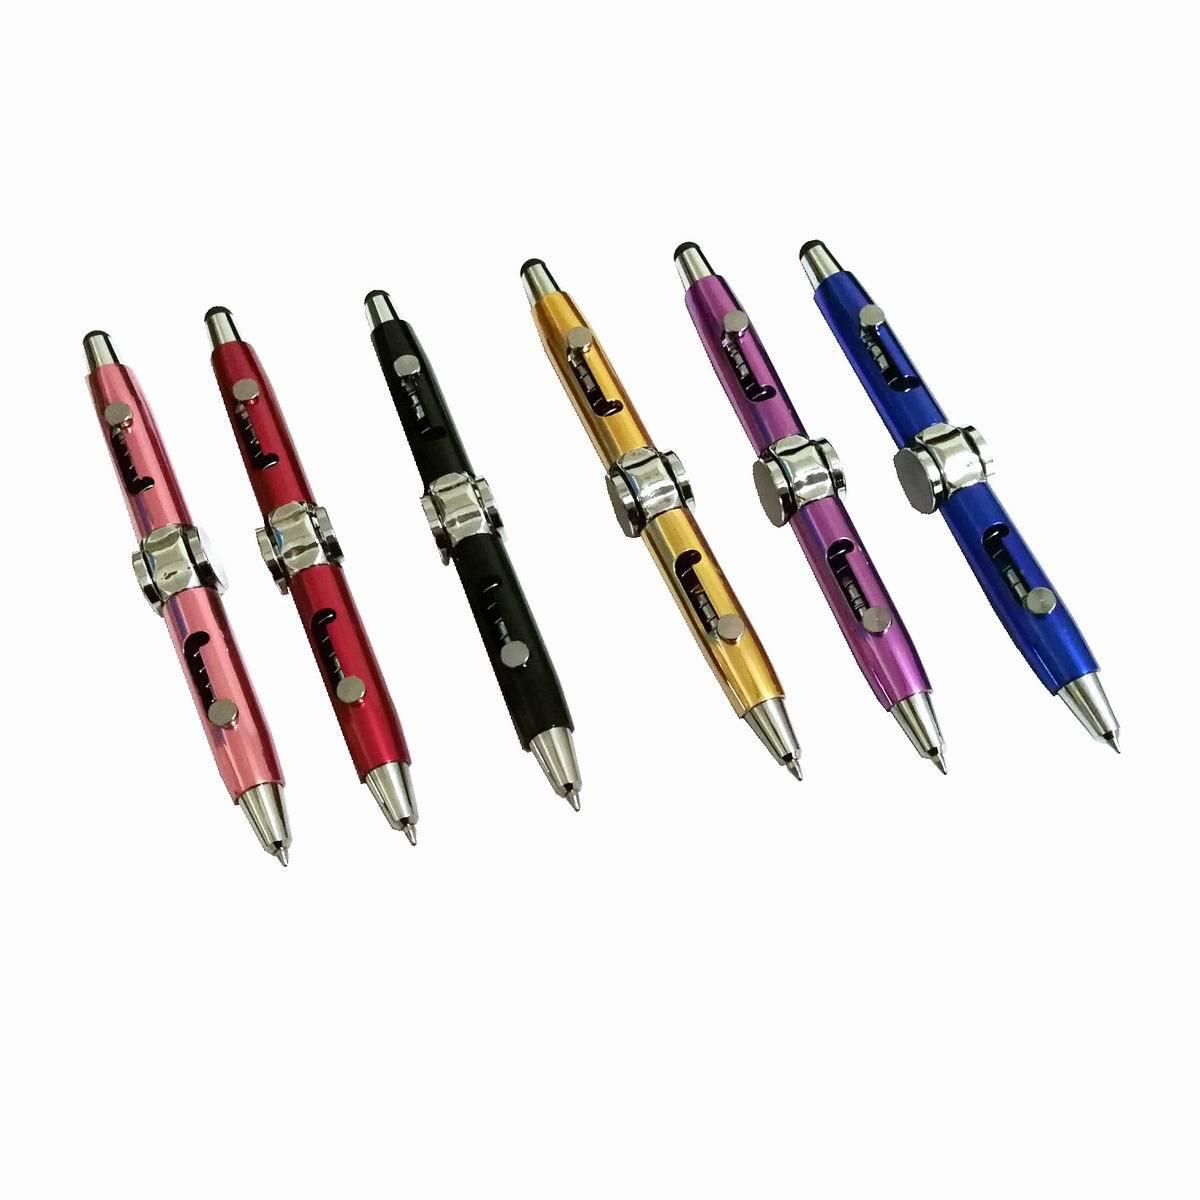 Пальца ручка многофункциональная декомпрессии игрушки Металлическая Ручка Непоседа ручка новинка Спиннеры шариковая ручка